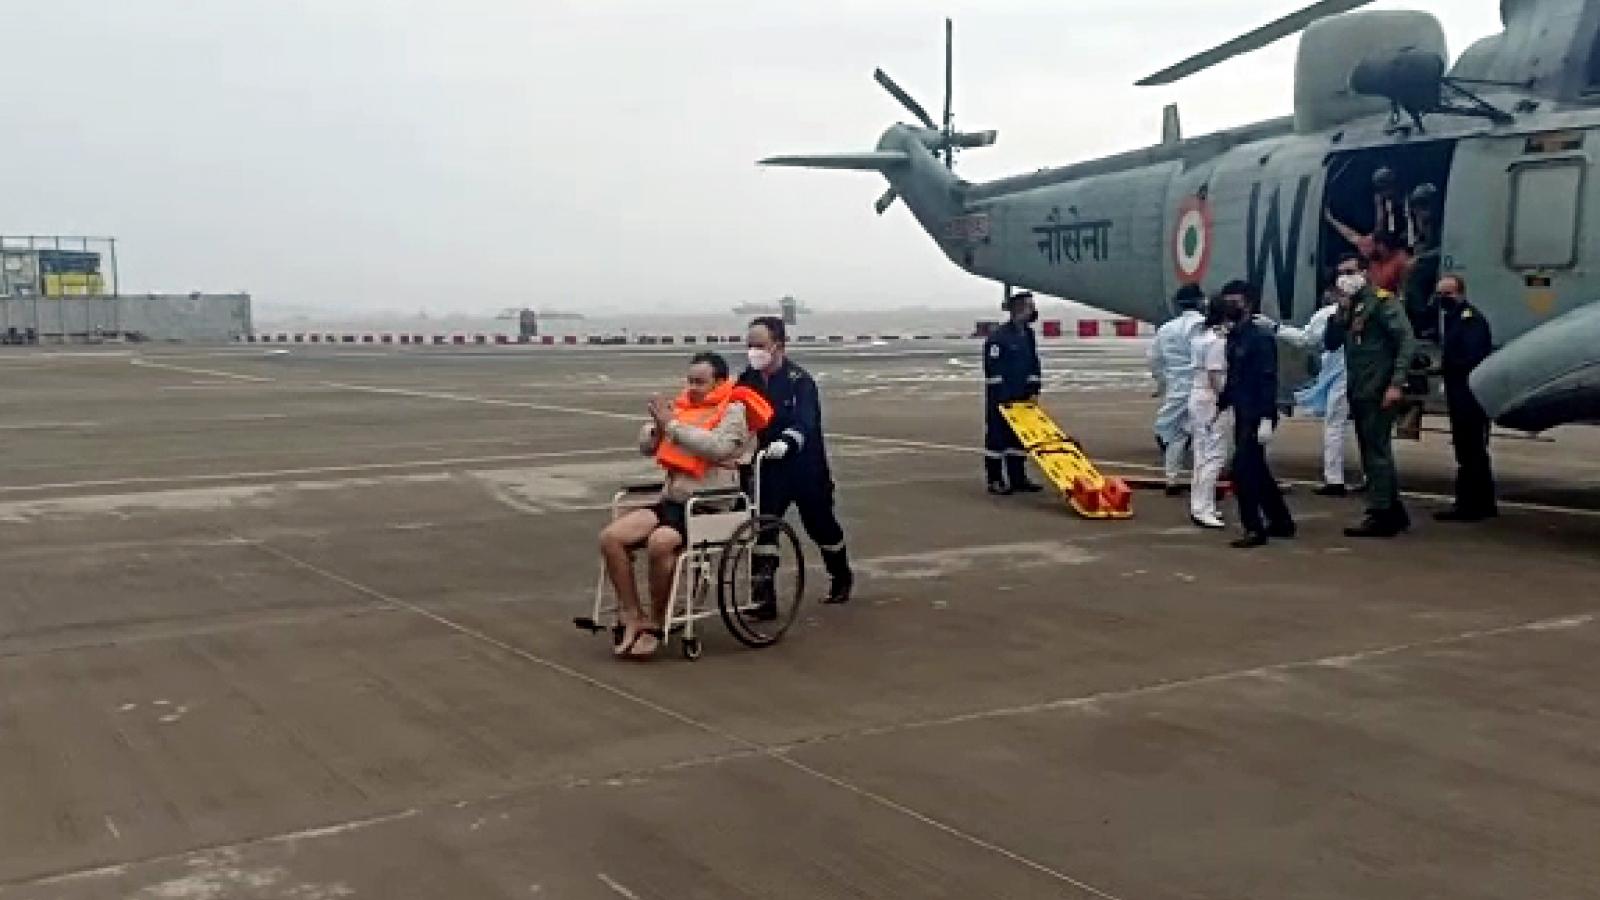 Bão Tauktae tan, Thủ tướng Ấn Độ đi thị sát khu vực bão đổ bộ